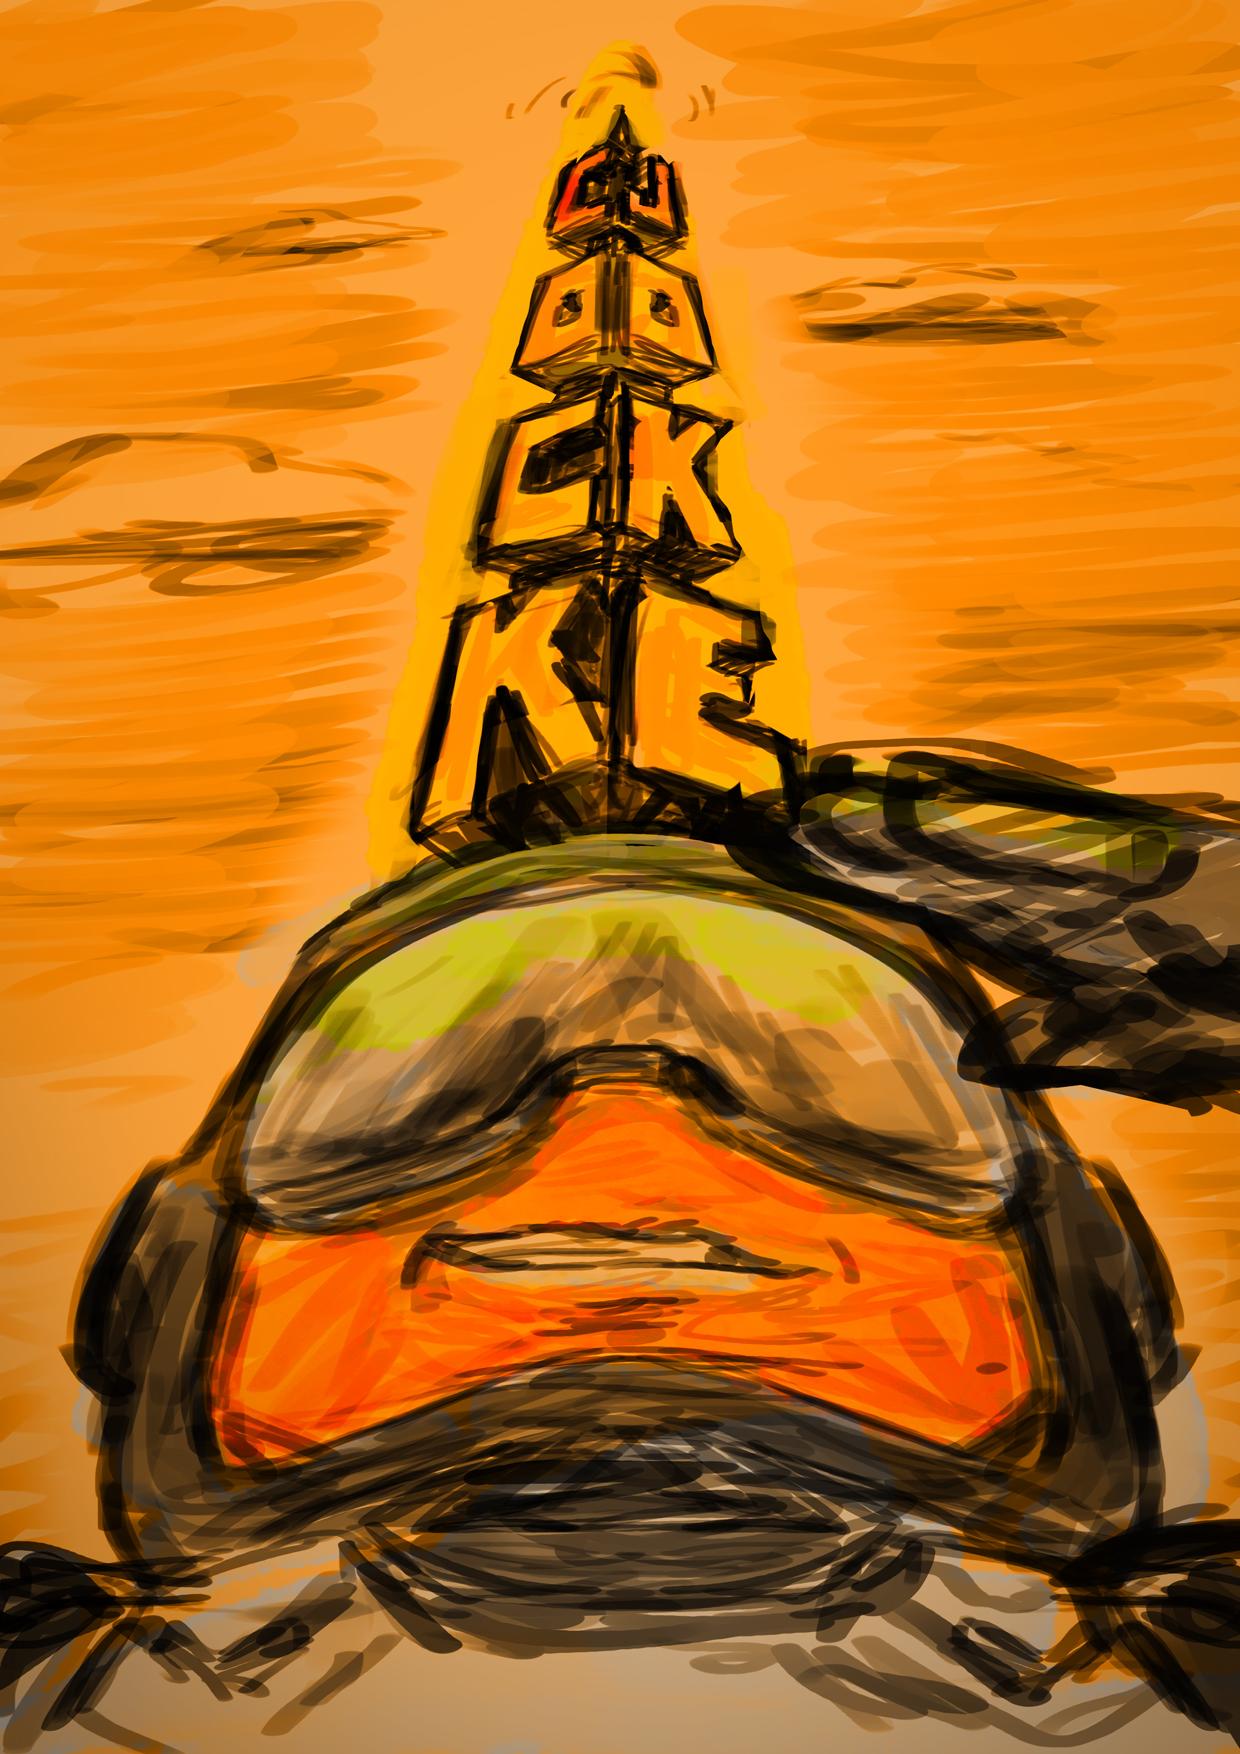 Tankman Pride